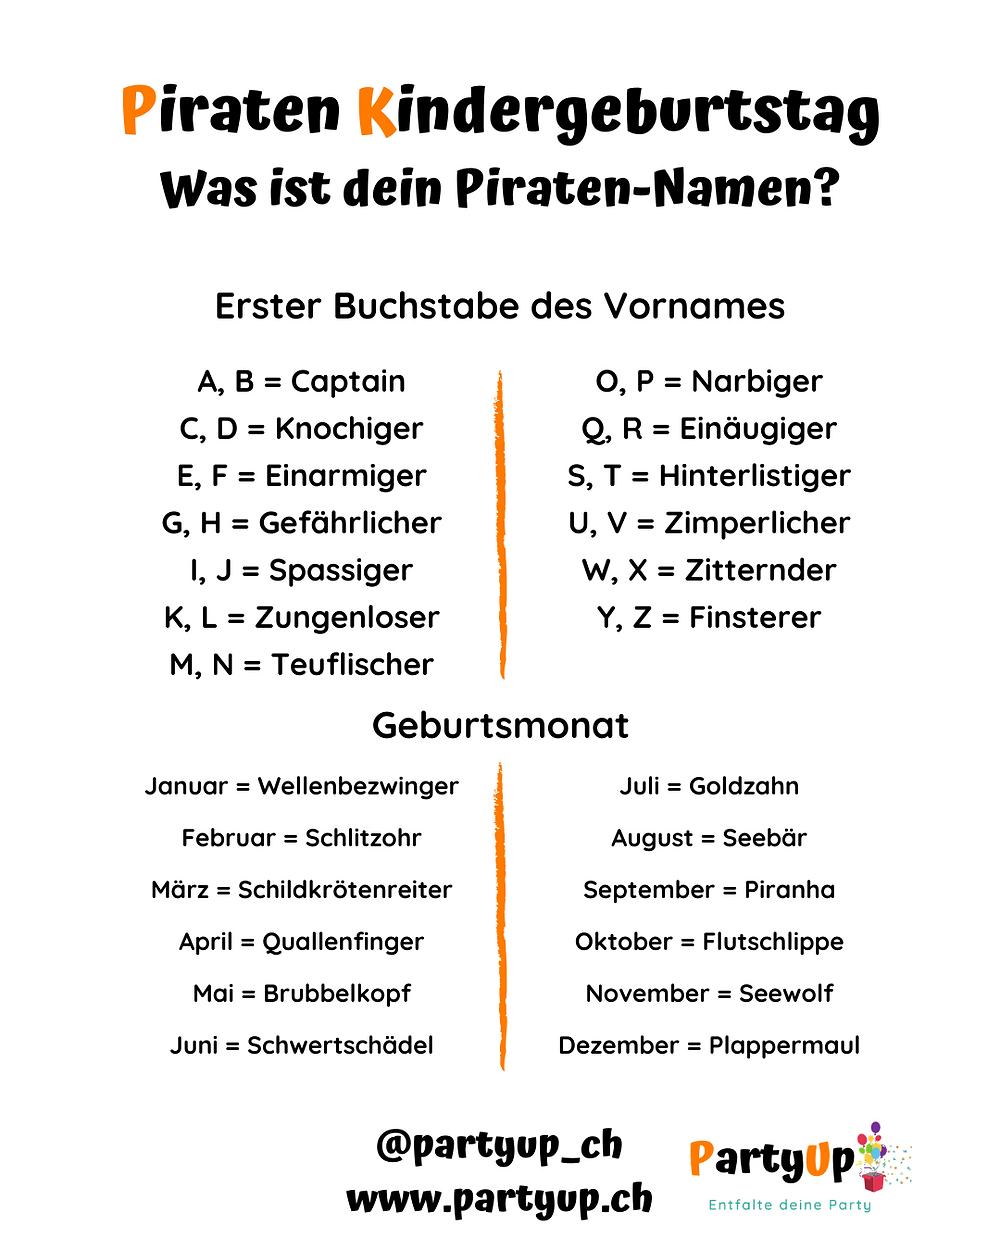 Piraten Namensliste für Jungen zum Piraten Kindergeburtstag